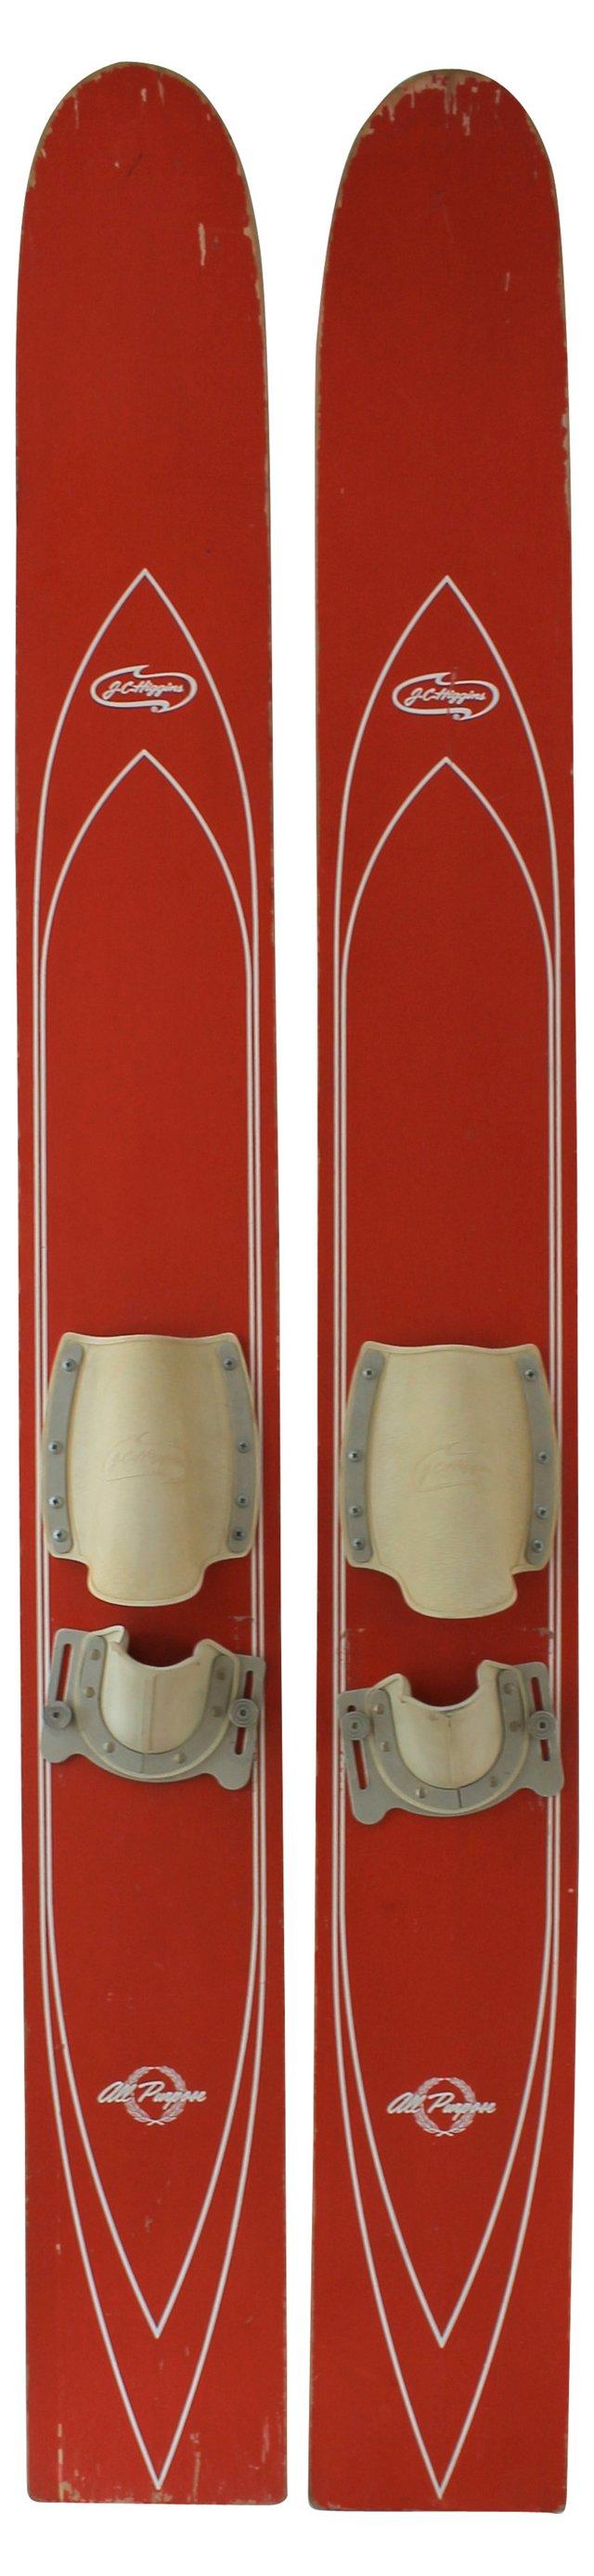 J.C. Higgins Water Skis, Pair